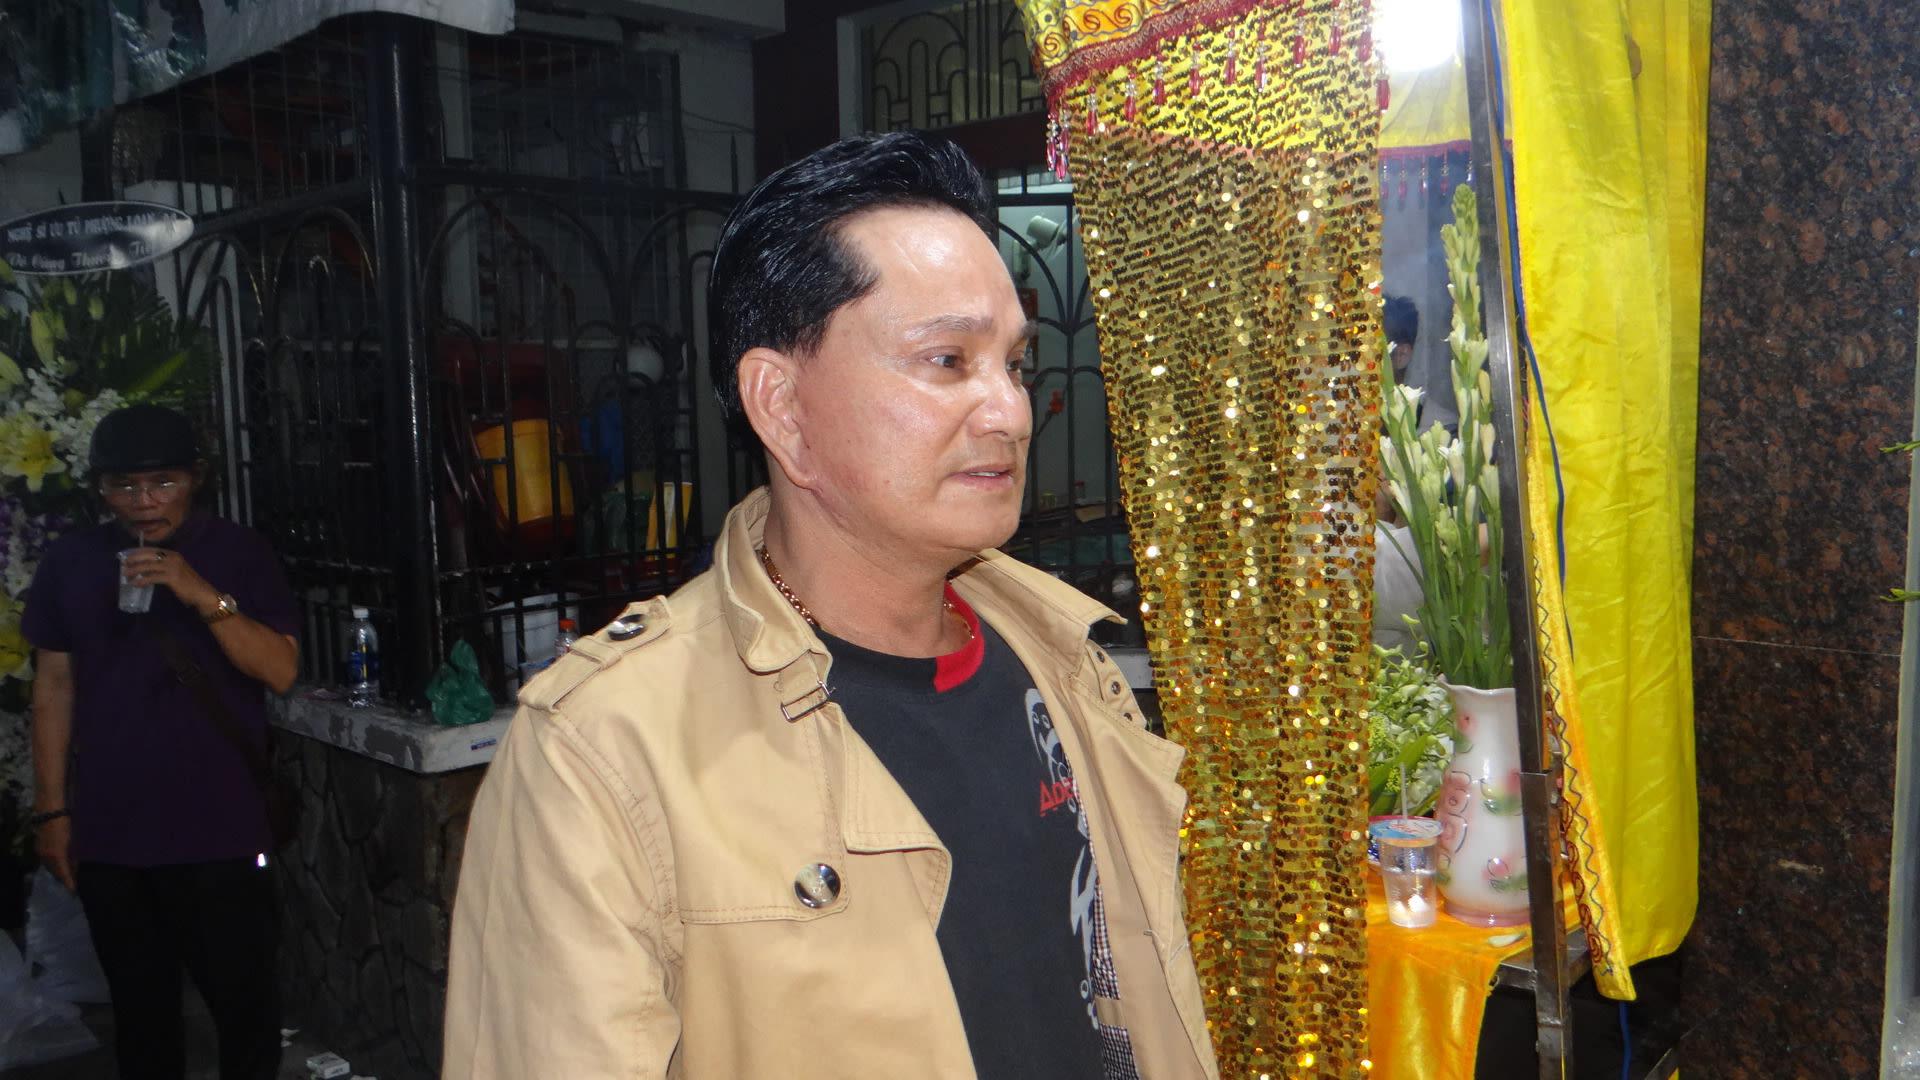 Khán giả ủng hộ 100 triệu đồng an táng NSƯT Chiêu Hùng - Ảnh 8.